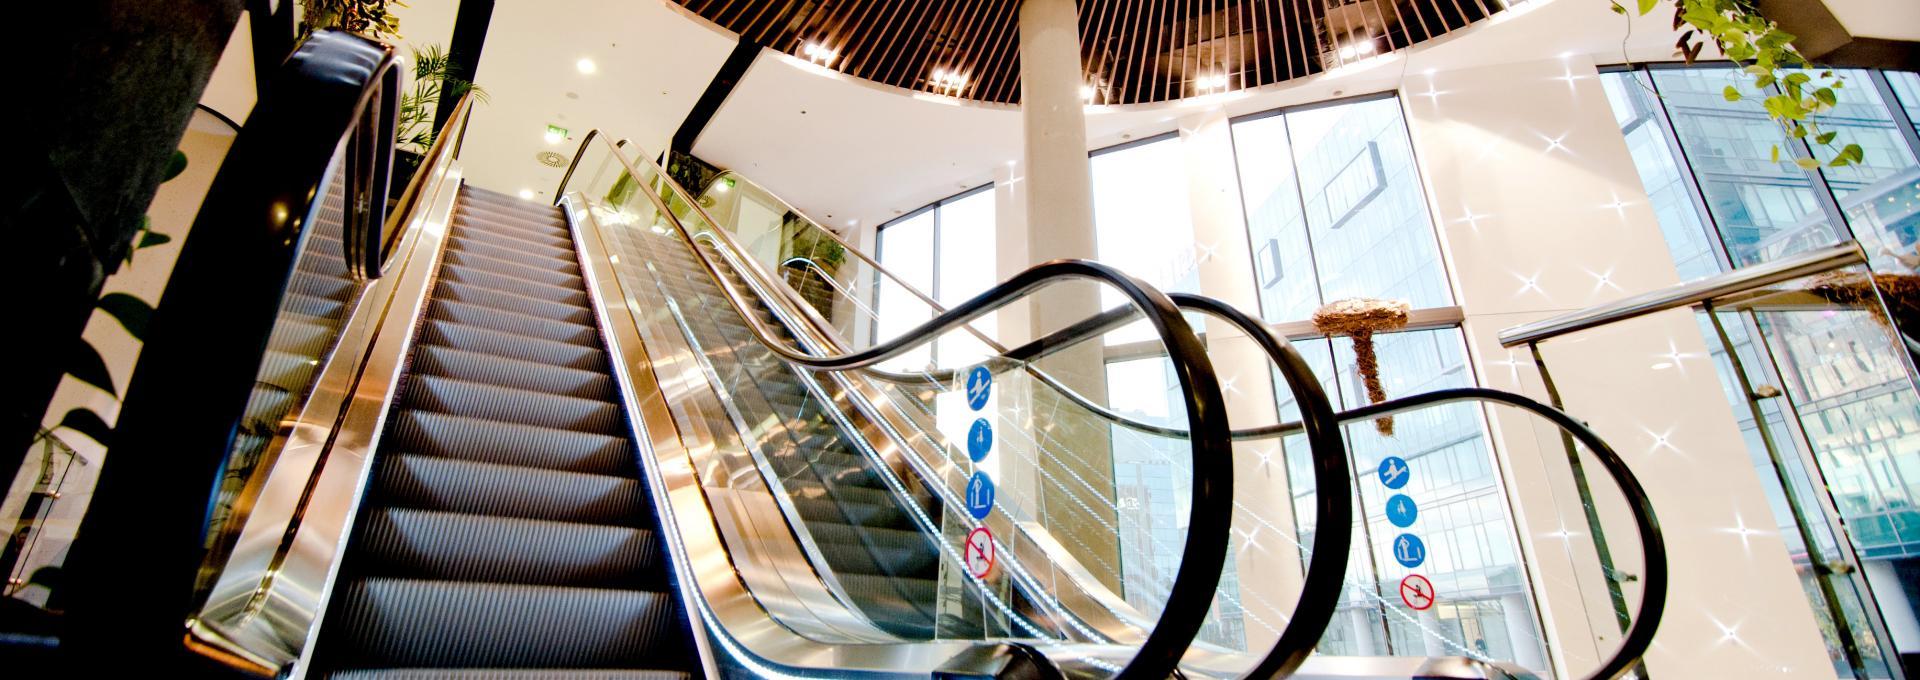 Κυλιόμενες Σκάλες & Διάδρομοι